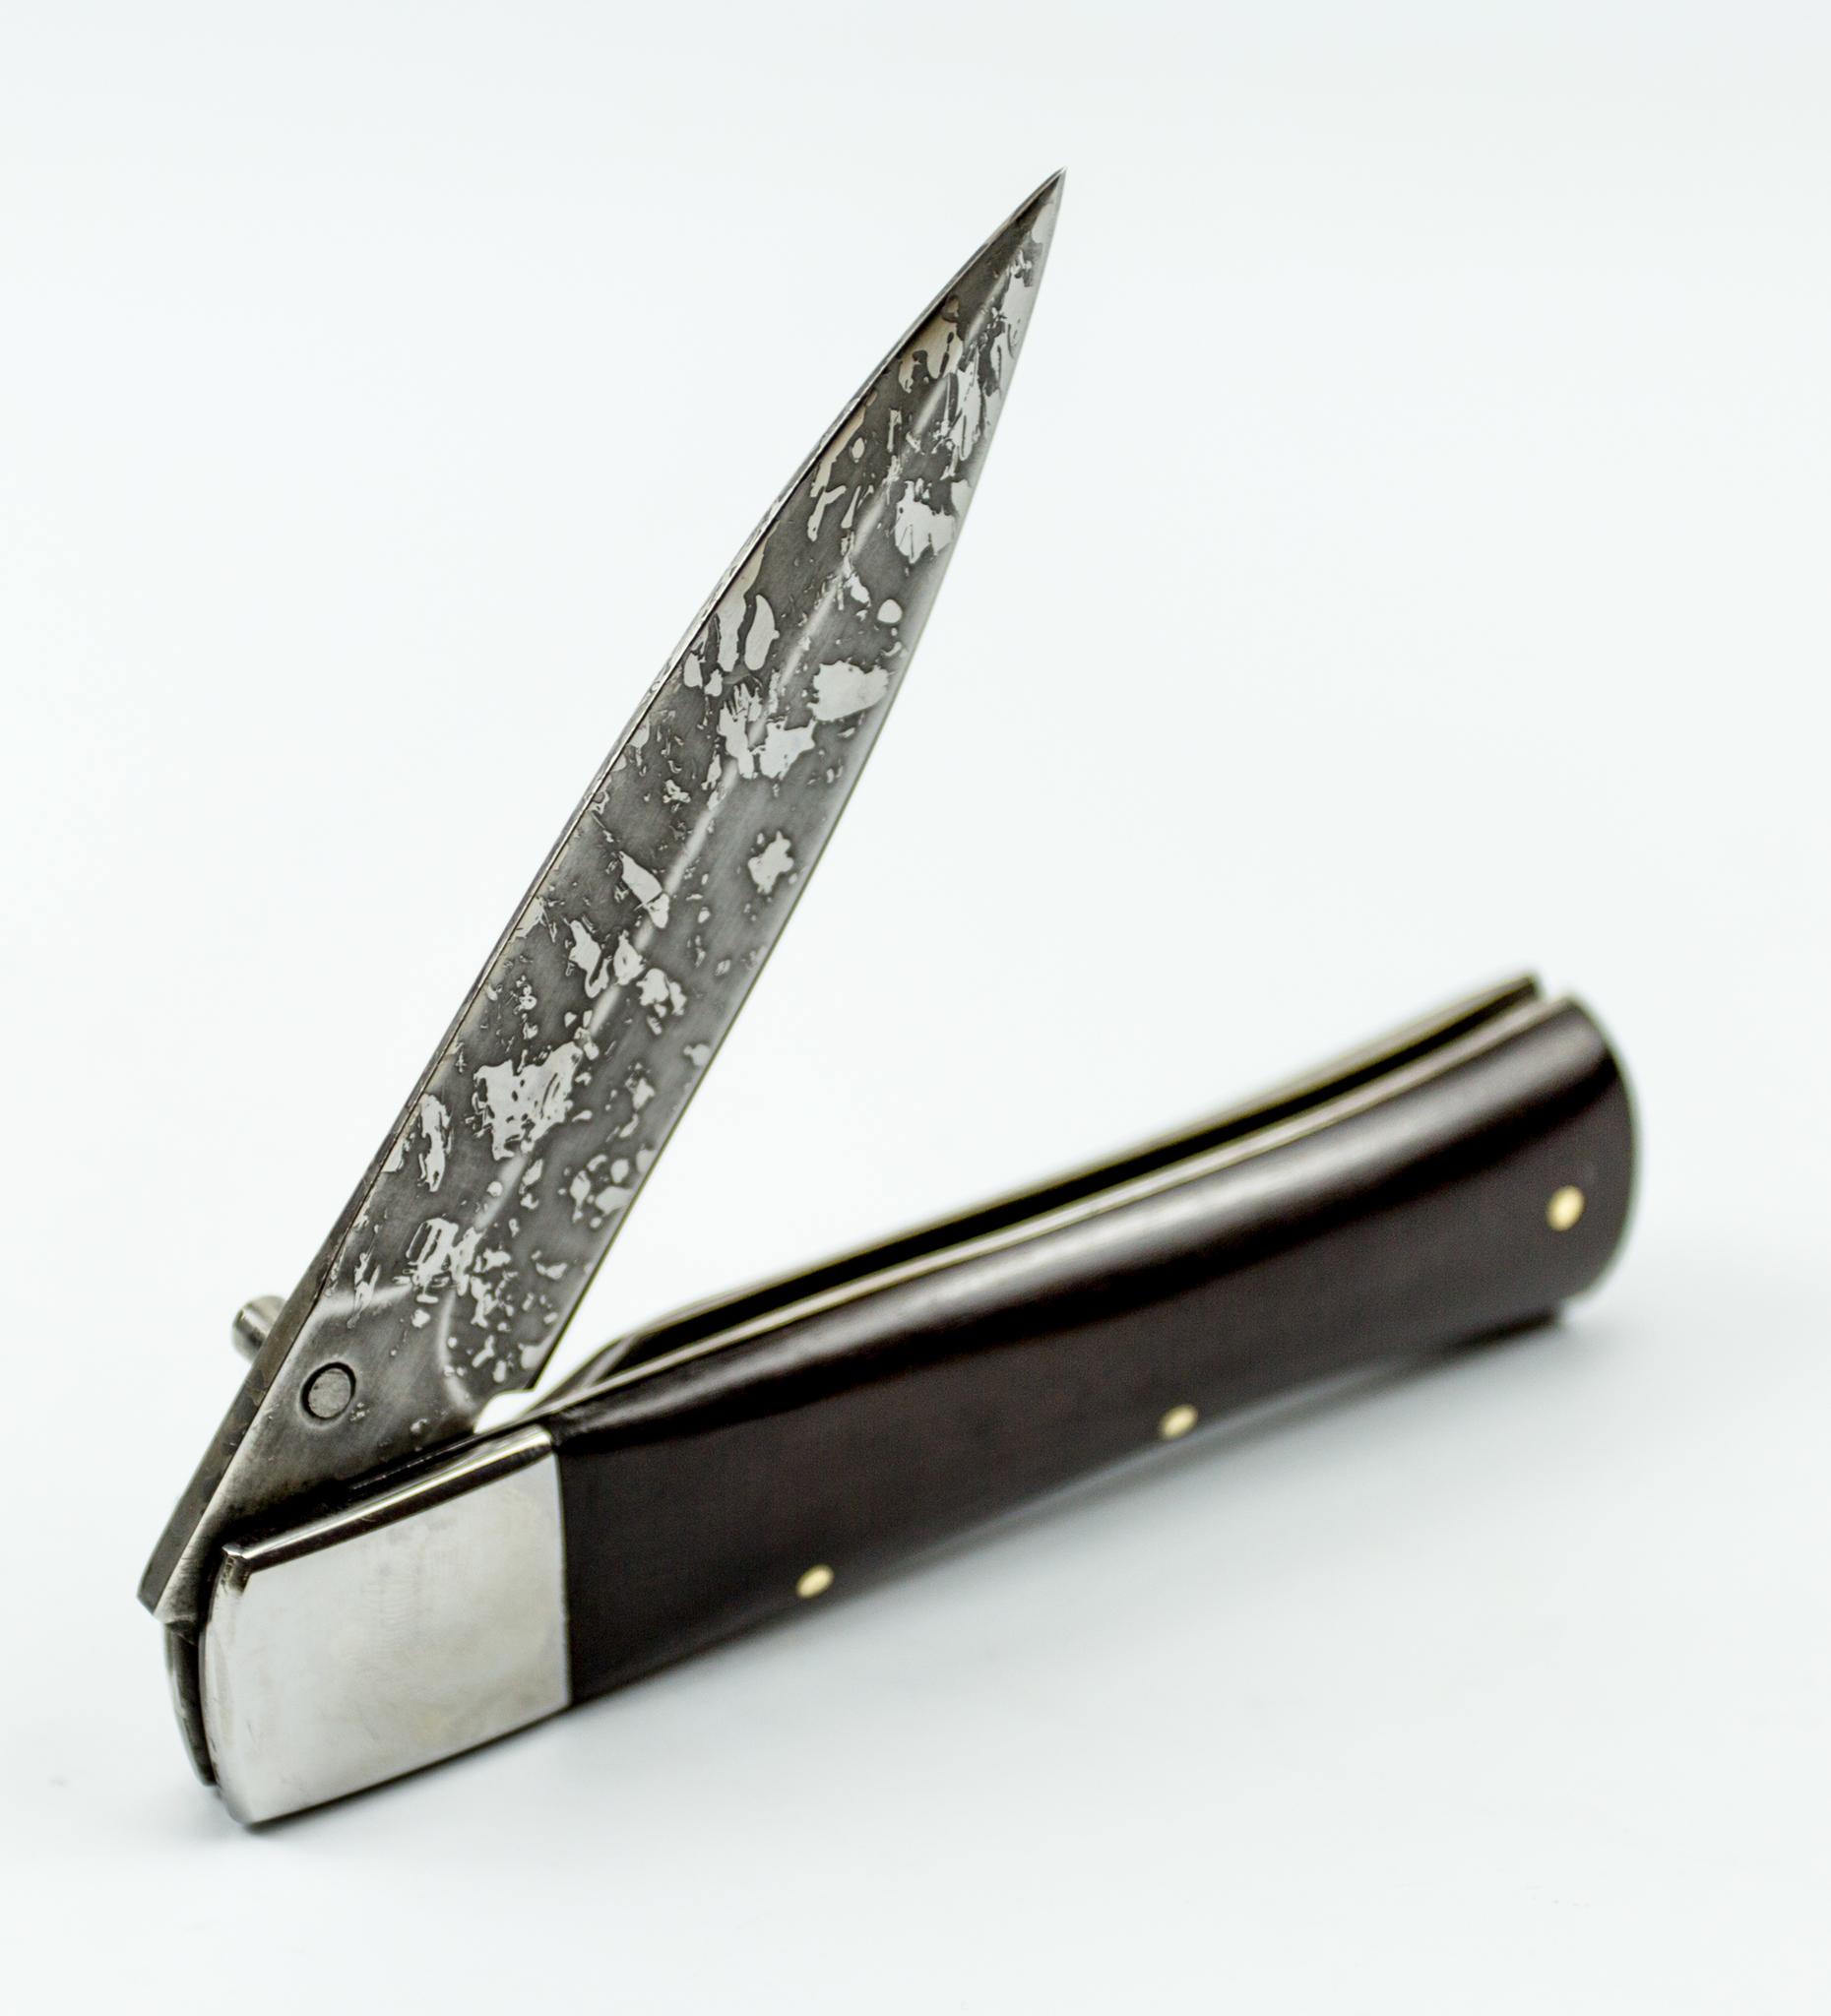 Фото 9 - Складной нож Щука, Х12МФ